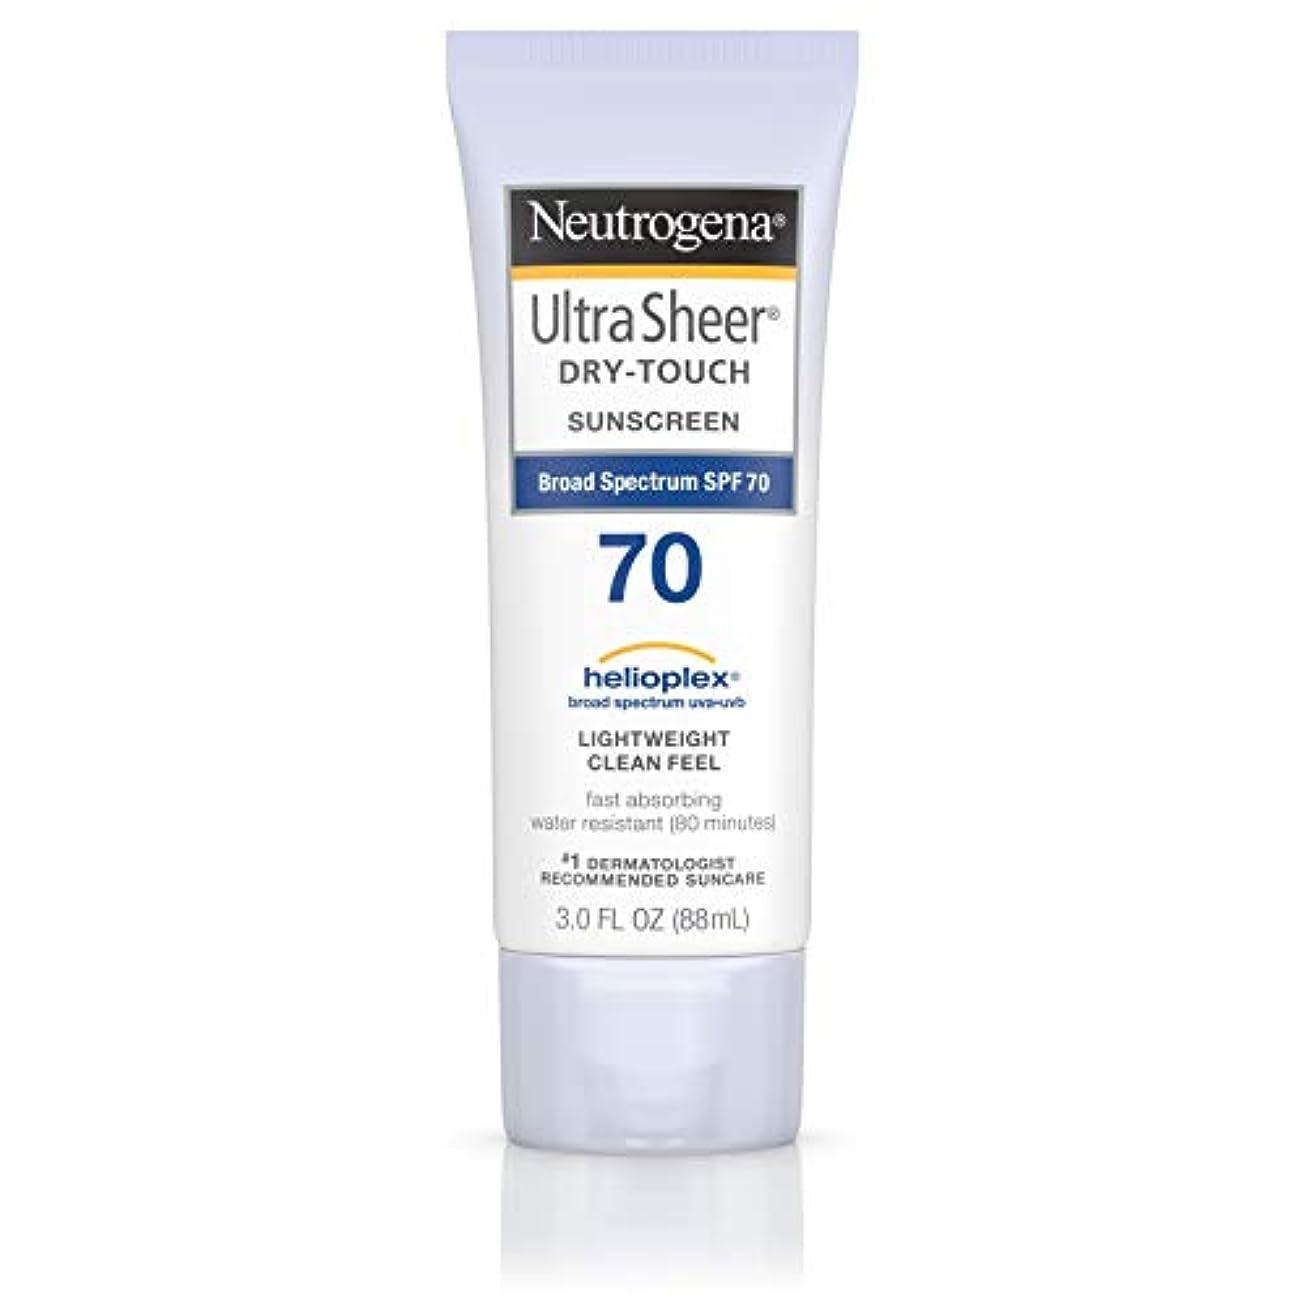 天優雅な破滅的なNeutrogena Ultra Sheer Dry-Touch Sunscreen, SPF 70, 88 ml (並行輸入品)